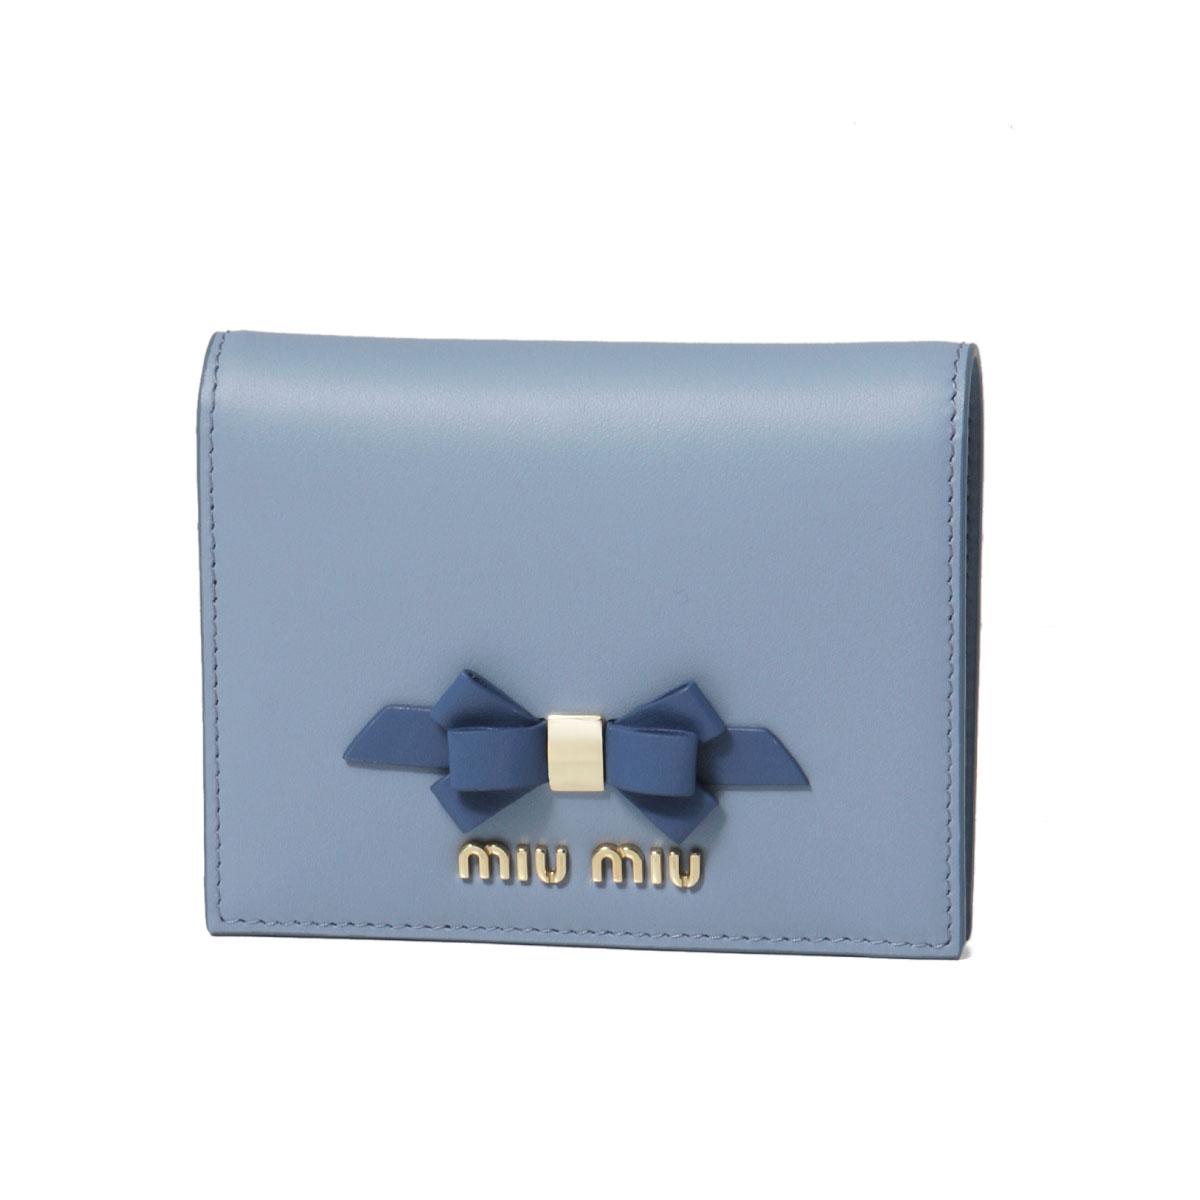 ミュウ ミュウ MIU MIU 財布 レディース 5MV204 2B61 F0RFK 二つ折り財布 CALF FIOCCO ASTRALE+COBALTO ブルー